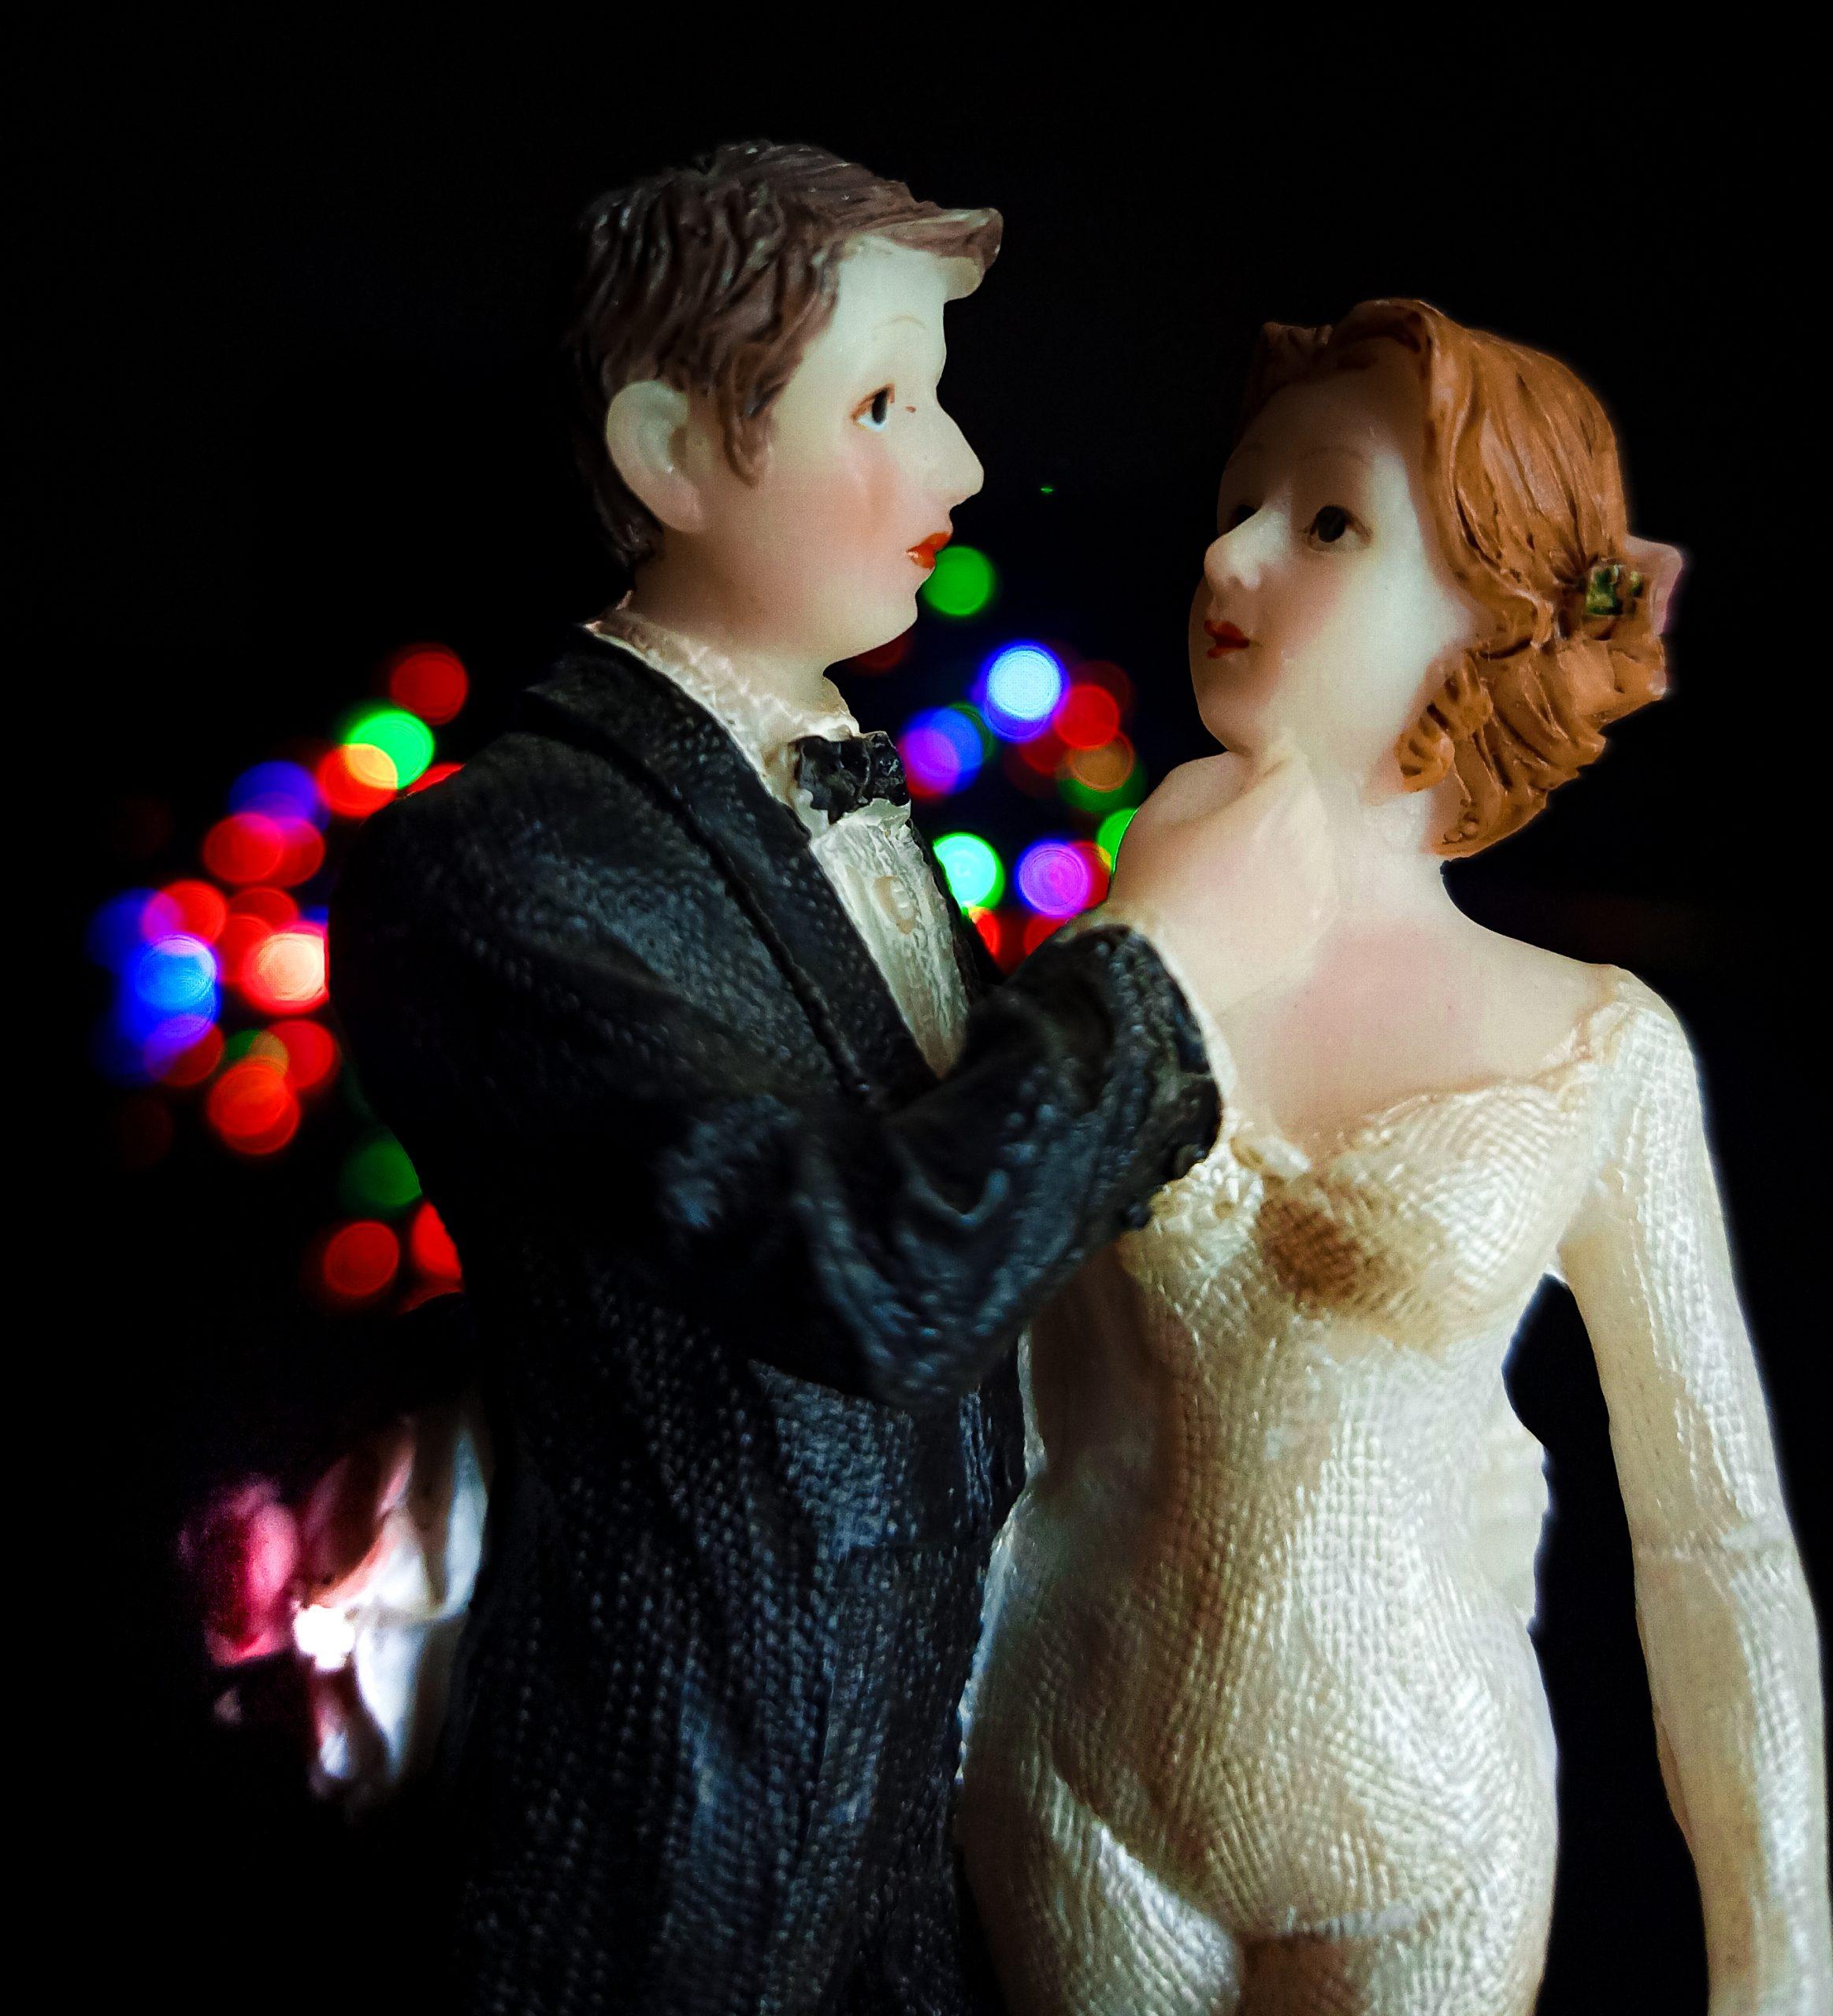 Toy couple portrait